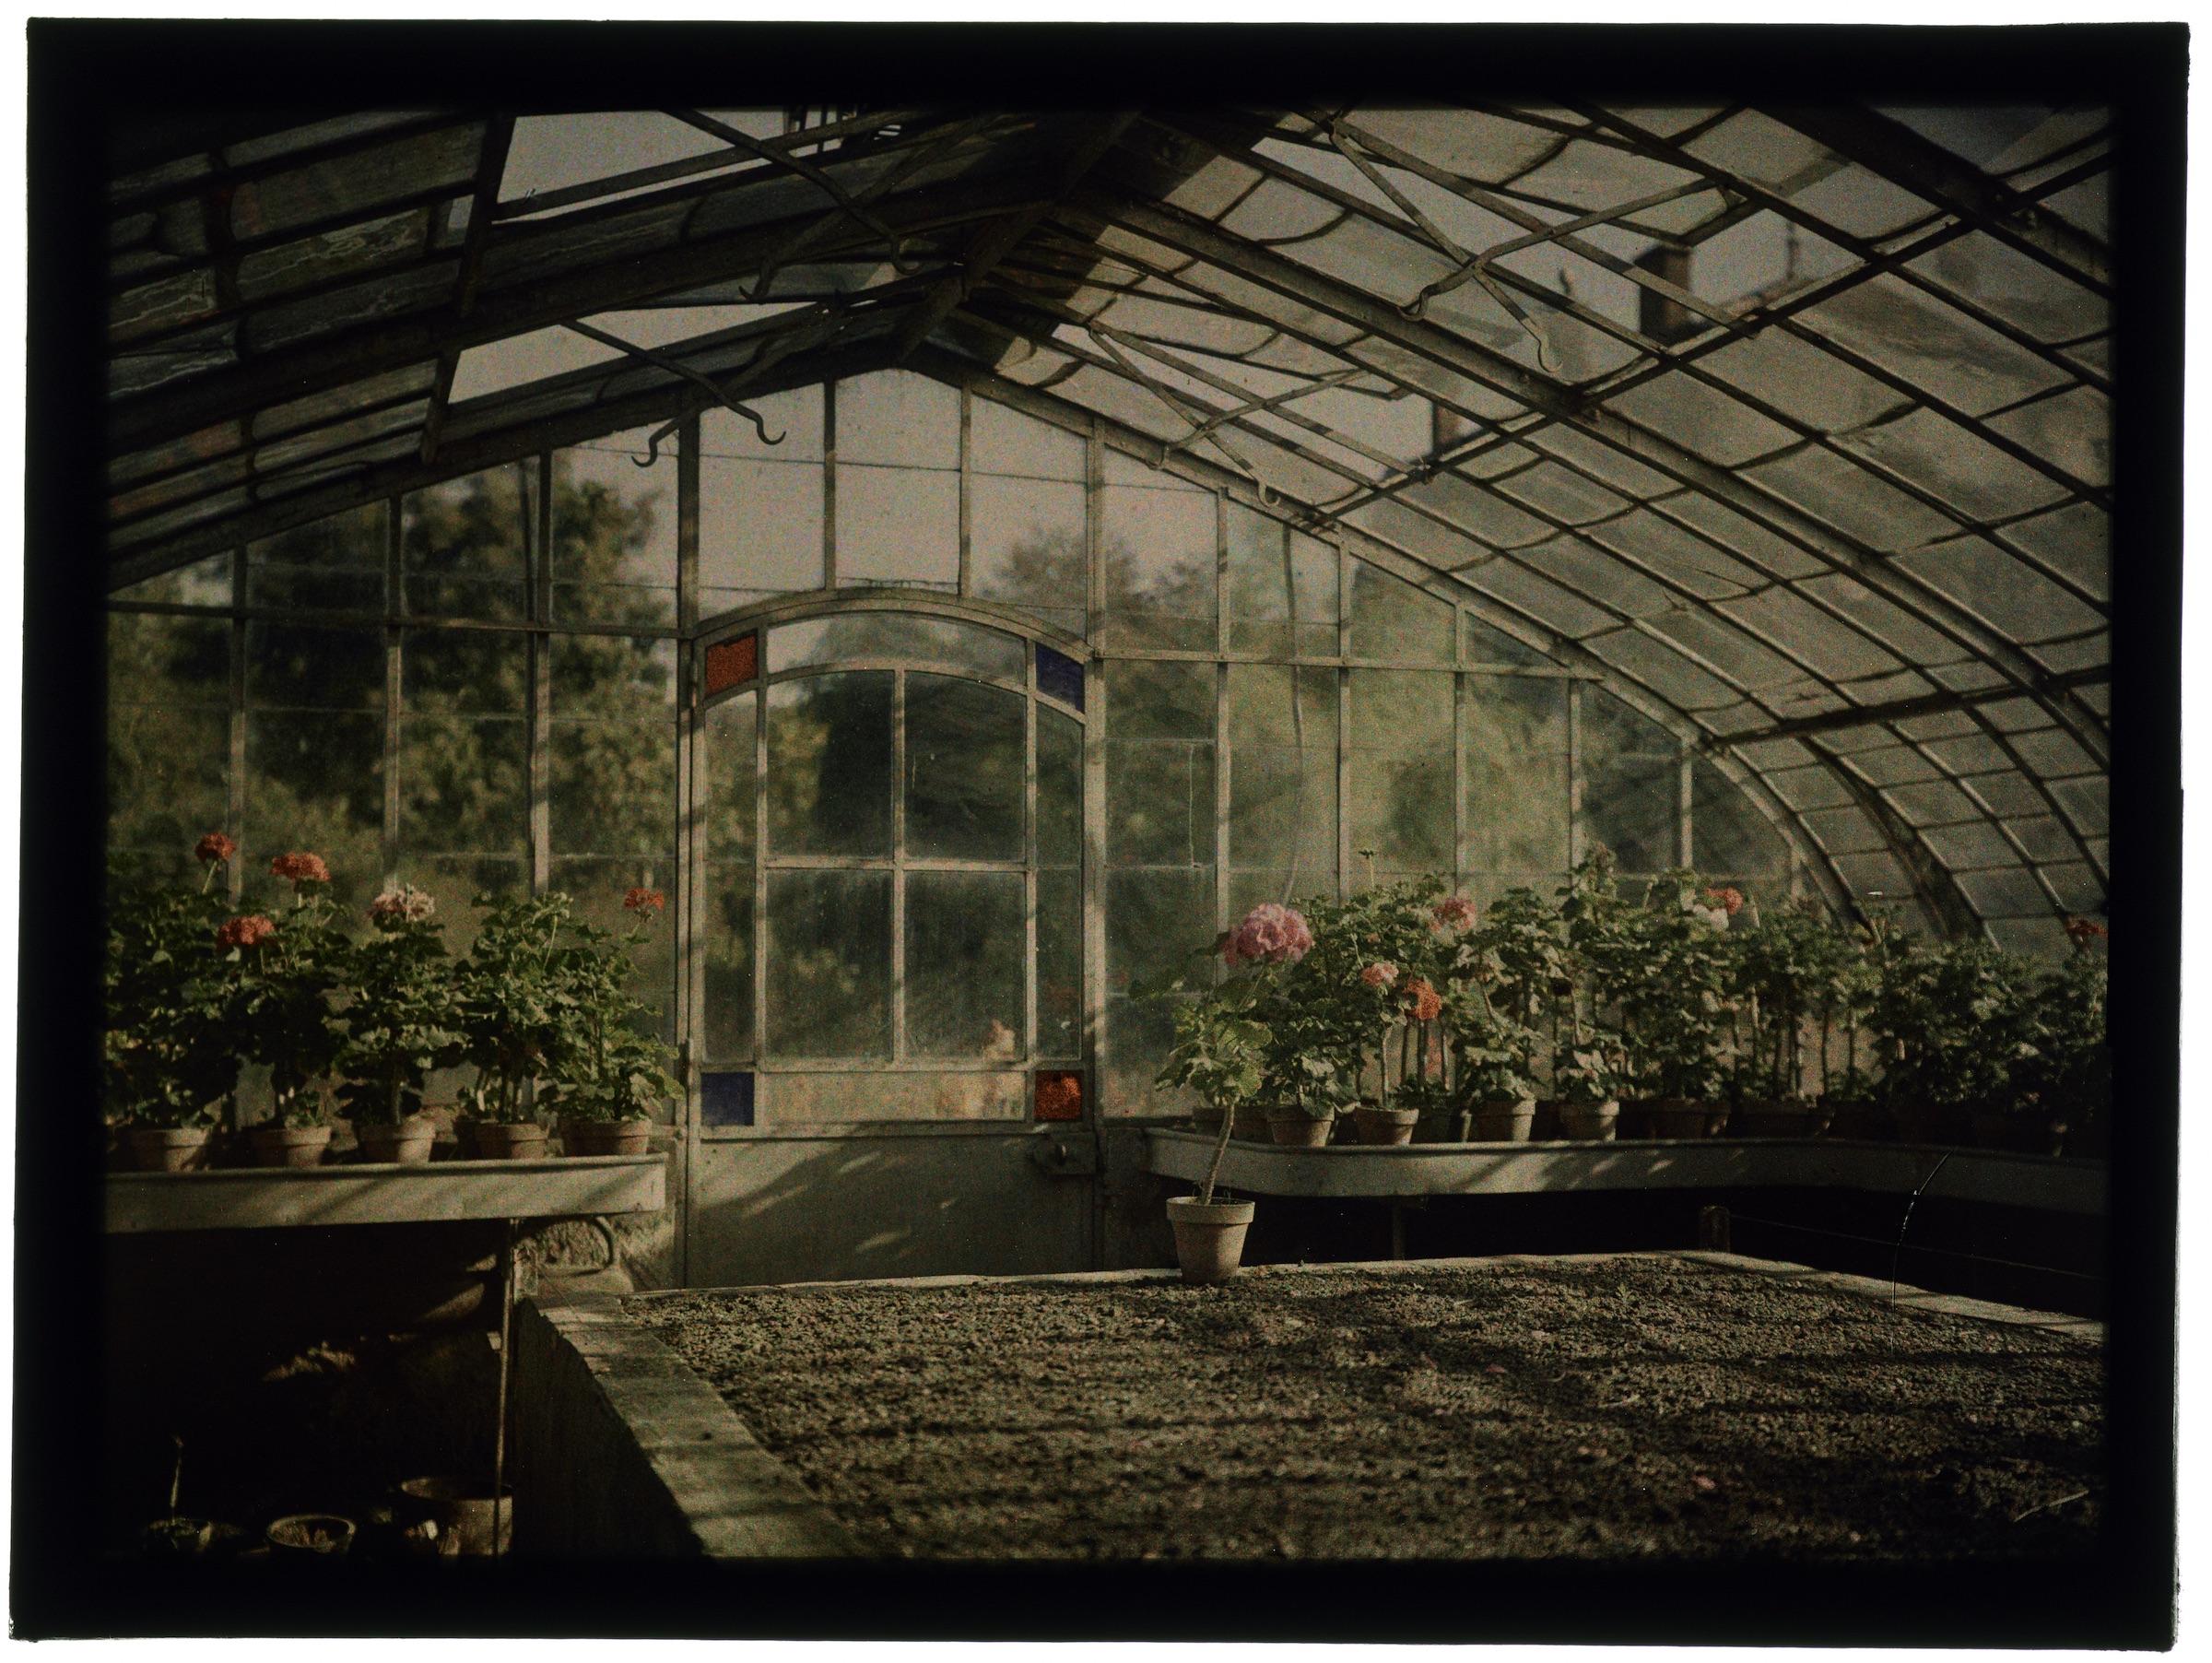 Plantation de fleurs sous un toit de branchage et fleurs dans la serre arrondie